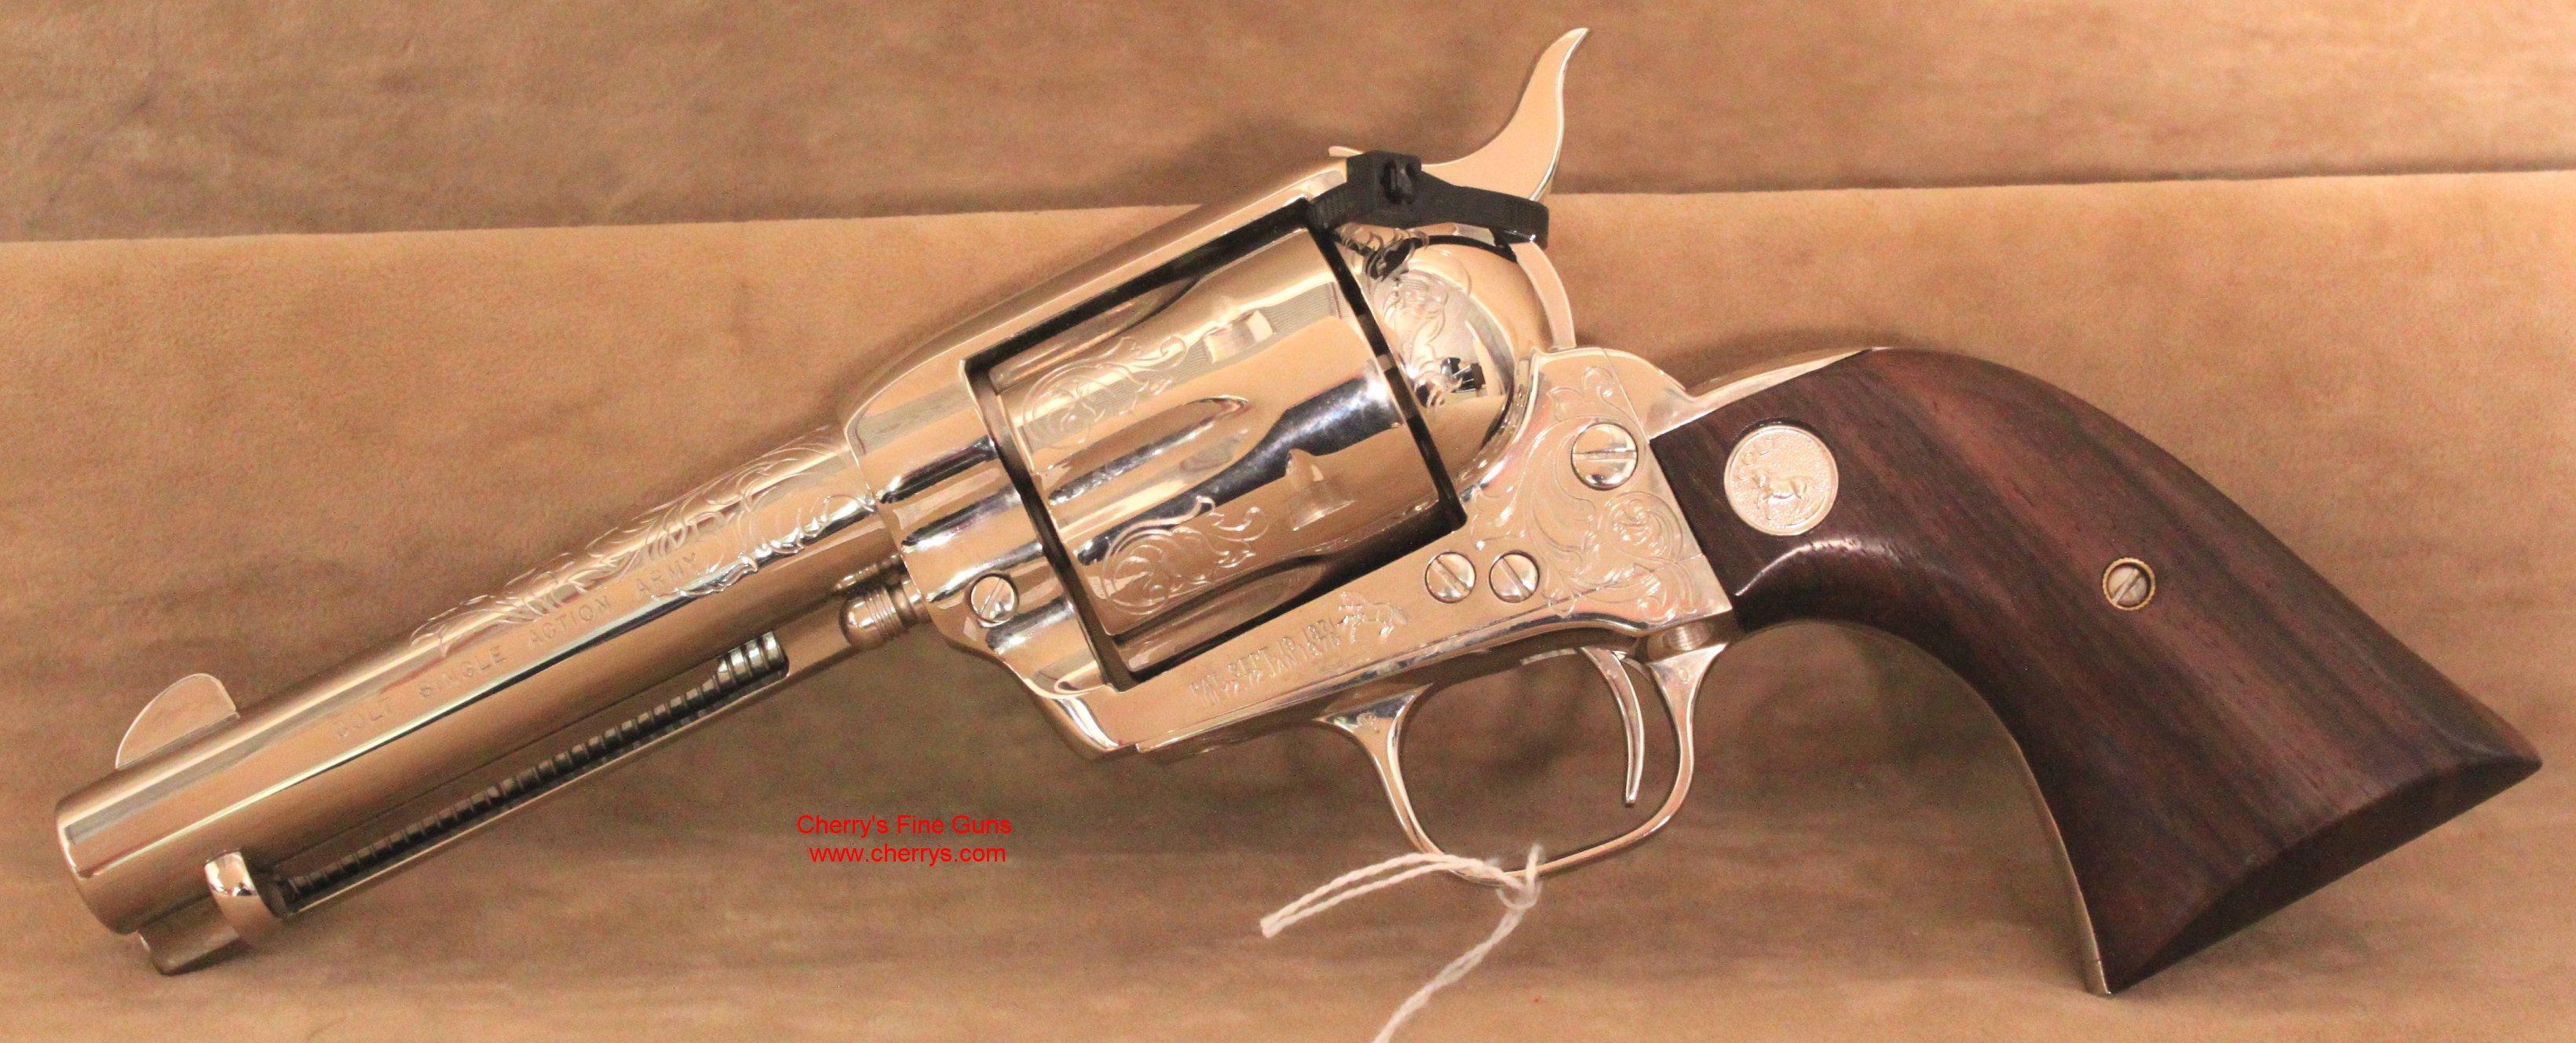 Double pistol handgun revolver gun display case cabinet rack shadowbox - Suppressed 308 Briefcase Gun Unusual Firearms Pinterest Guns Zombie Gear And Weapons